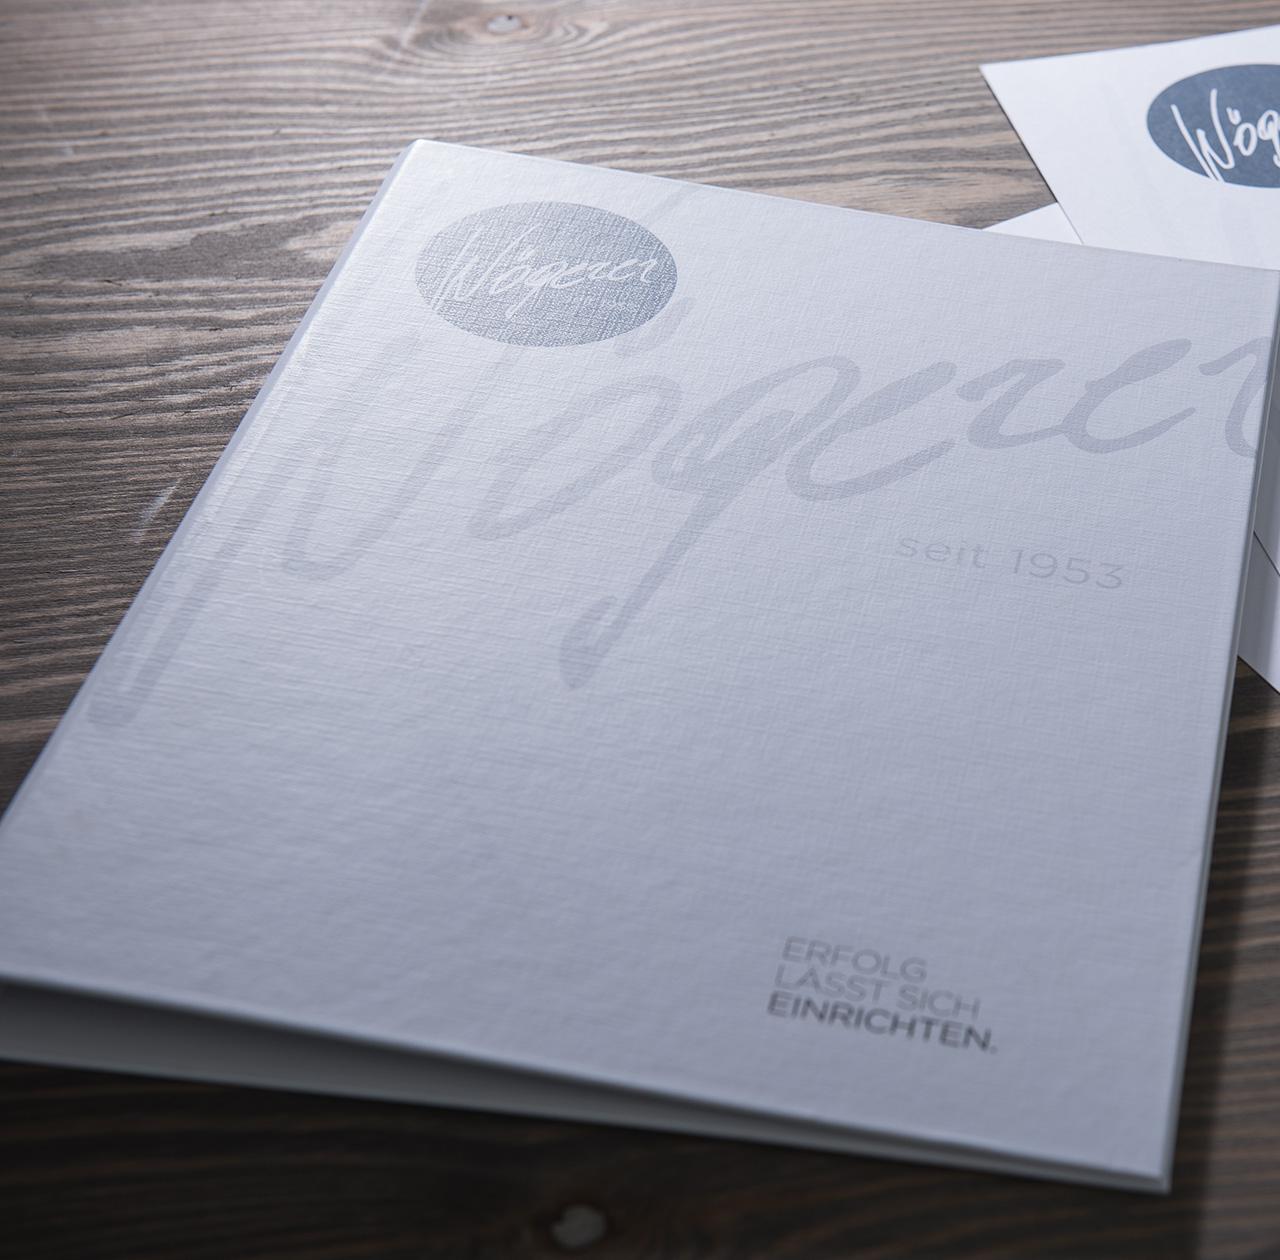 upart referenz für Wögerer - mappe